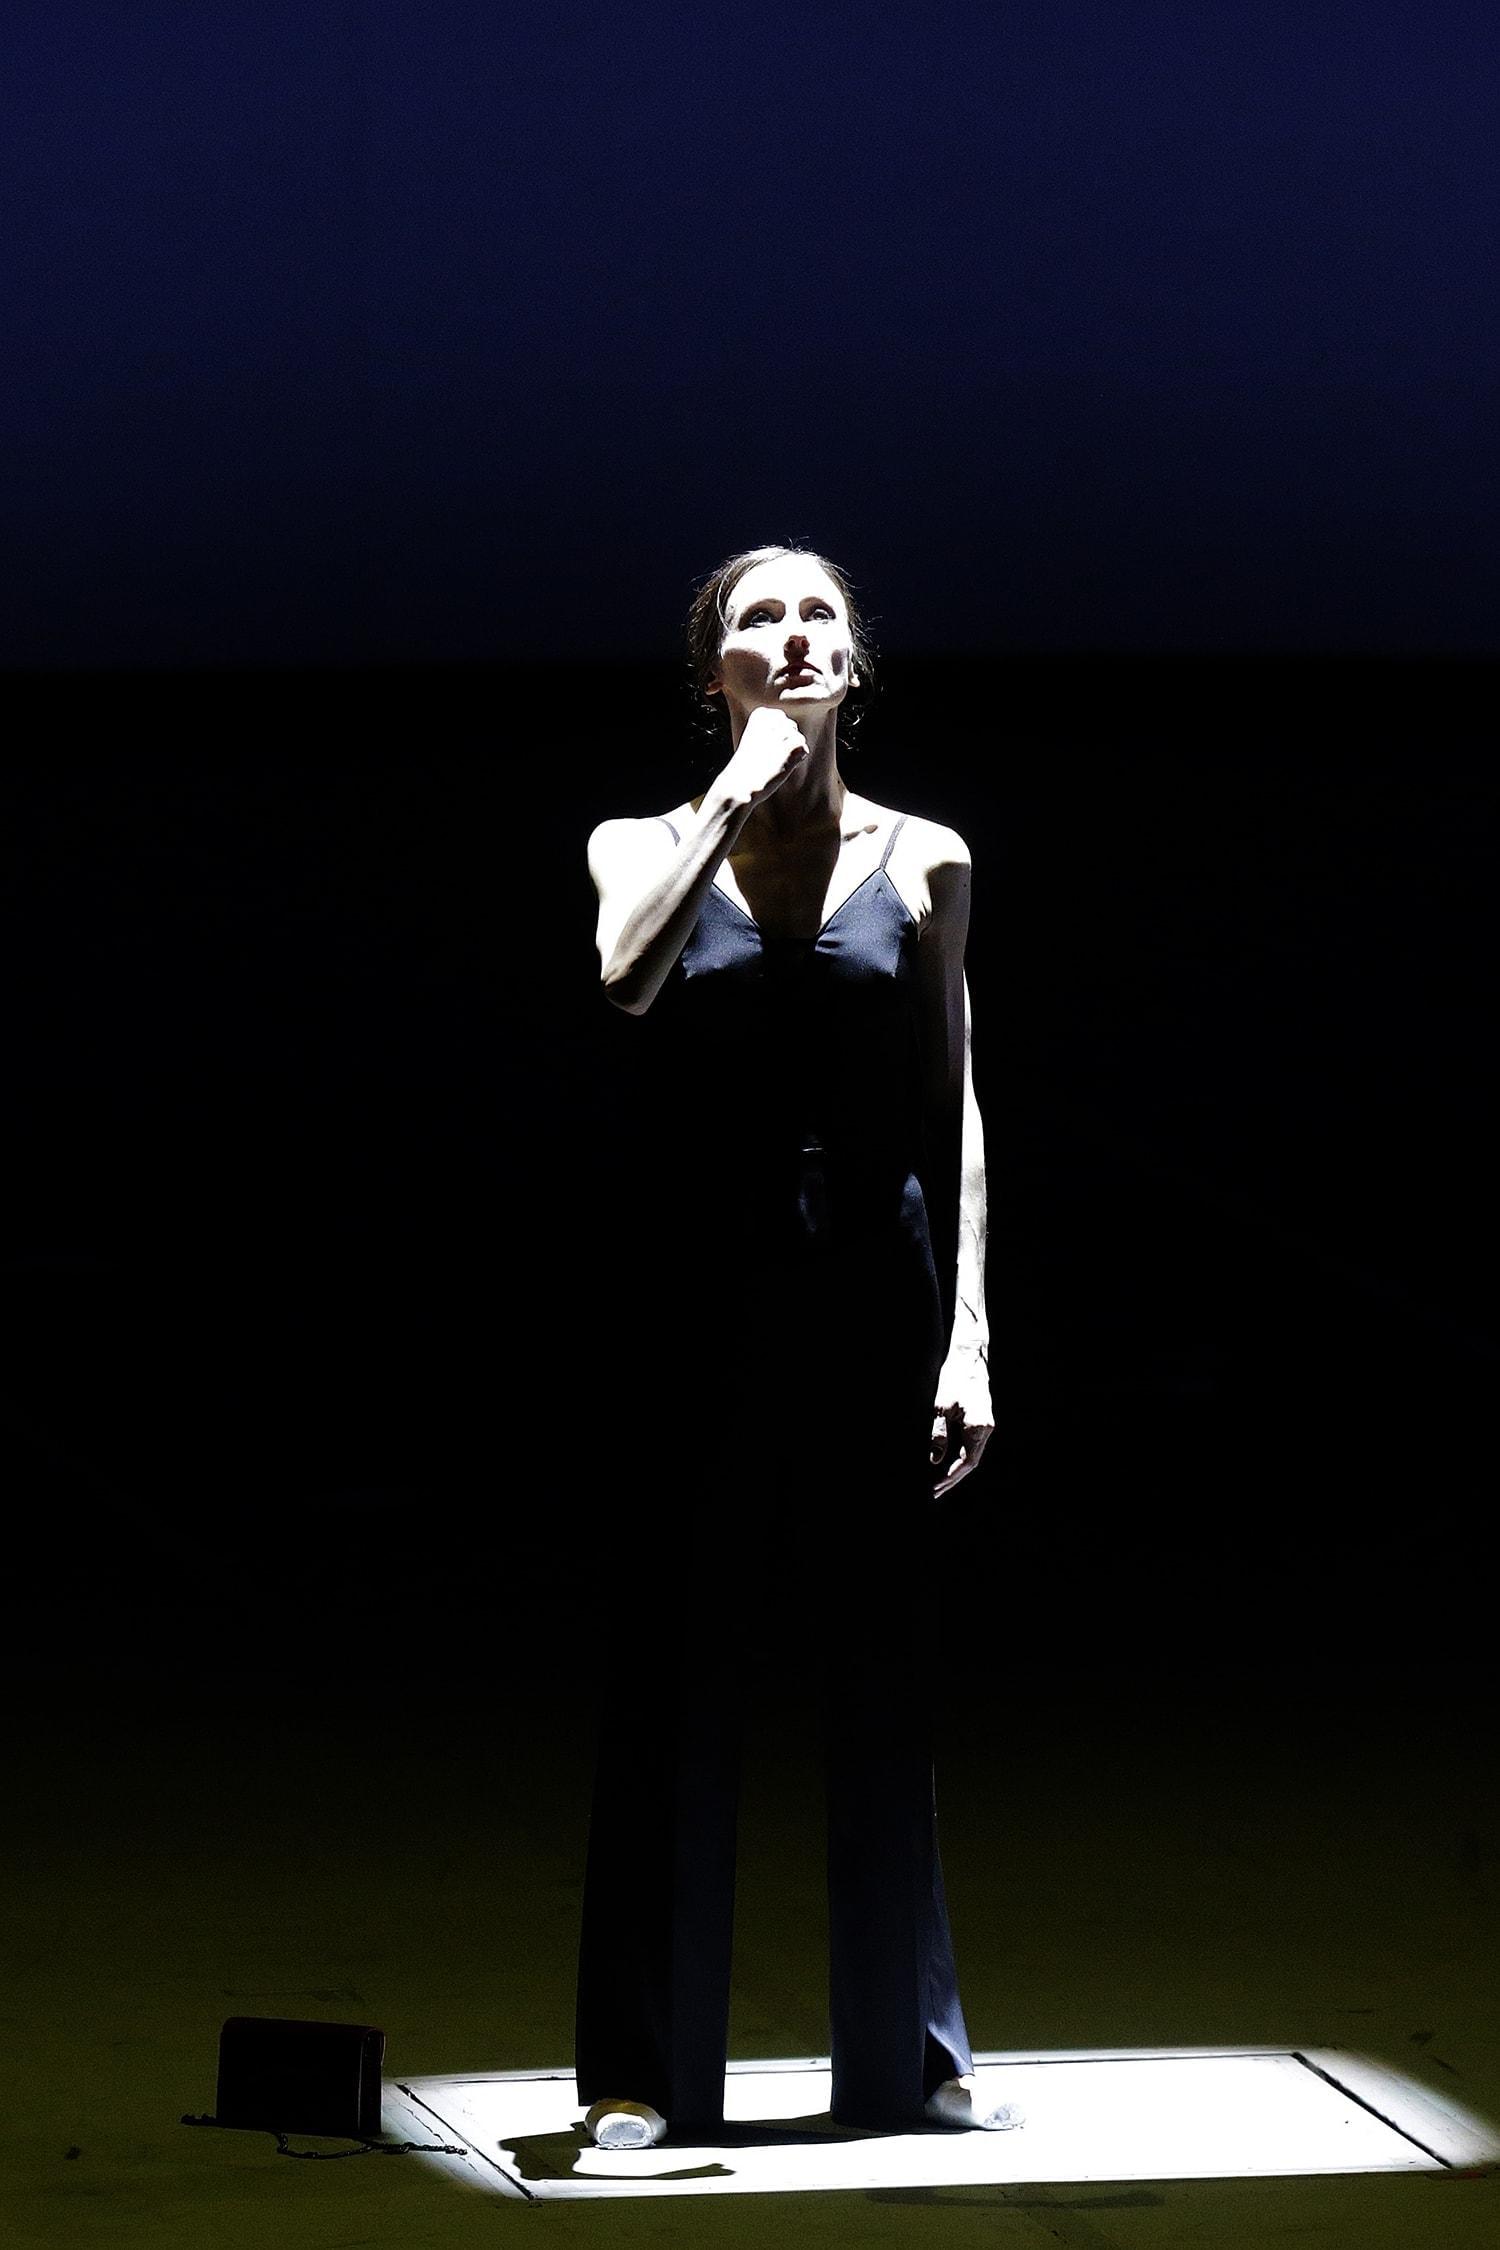 Анна Каренина – Светлана Захарова. Фото - Дамир Юсупов / Большой театр